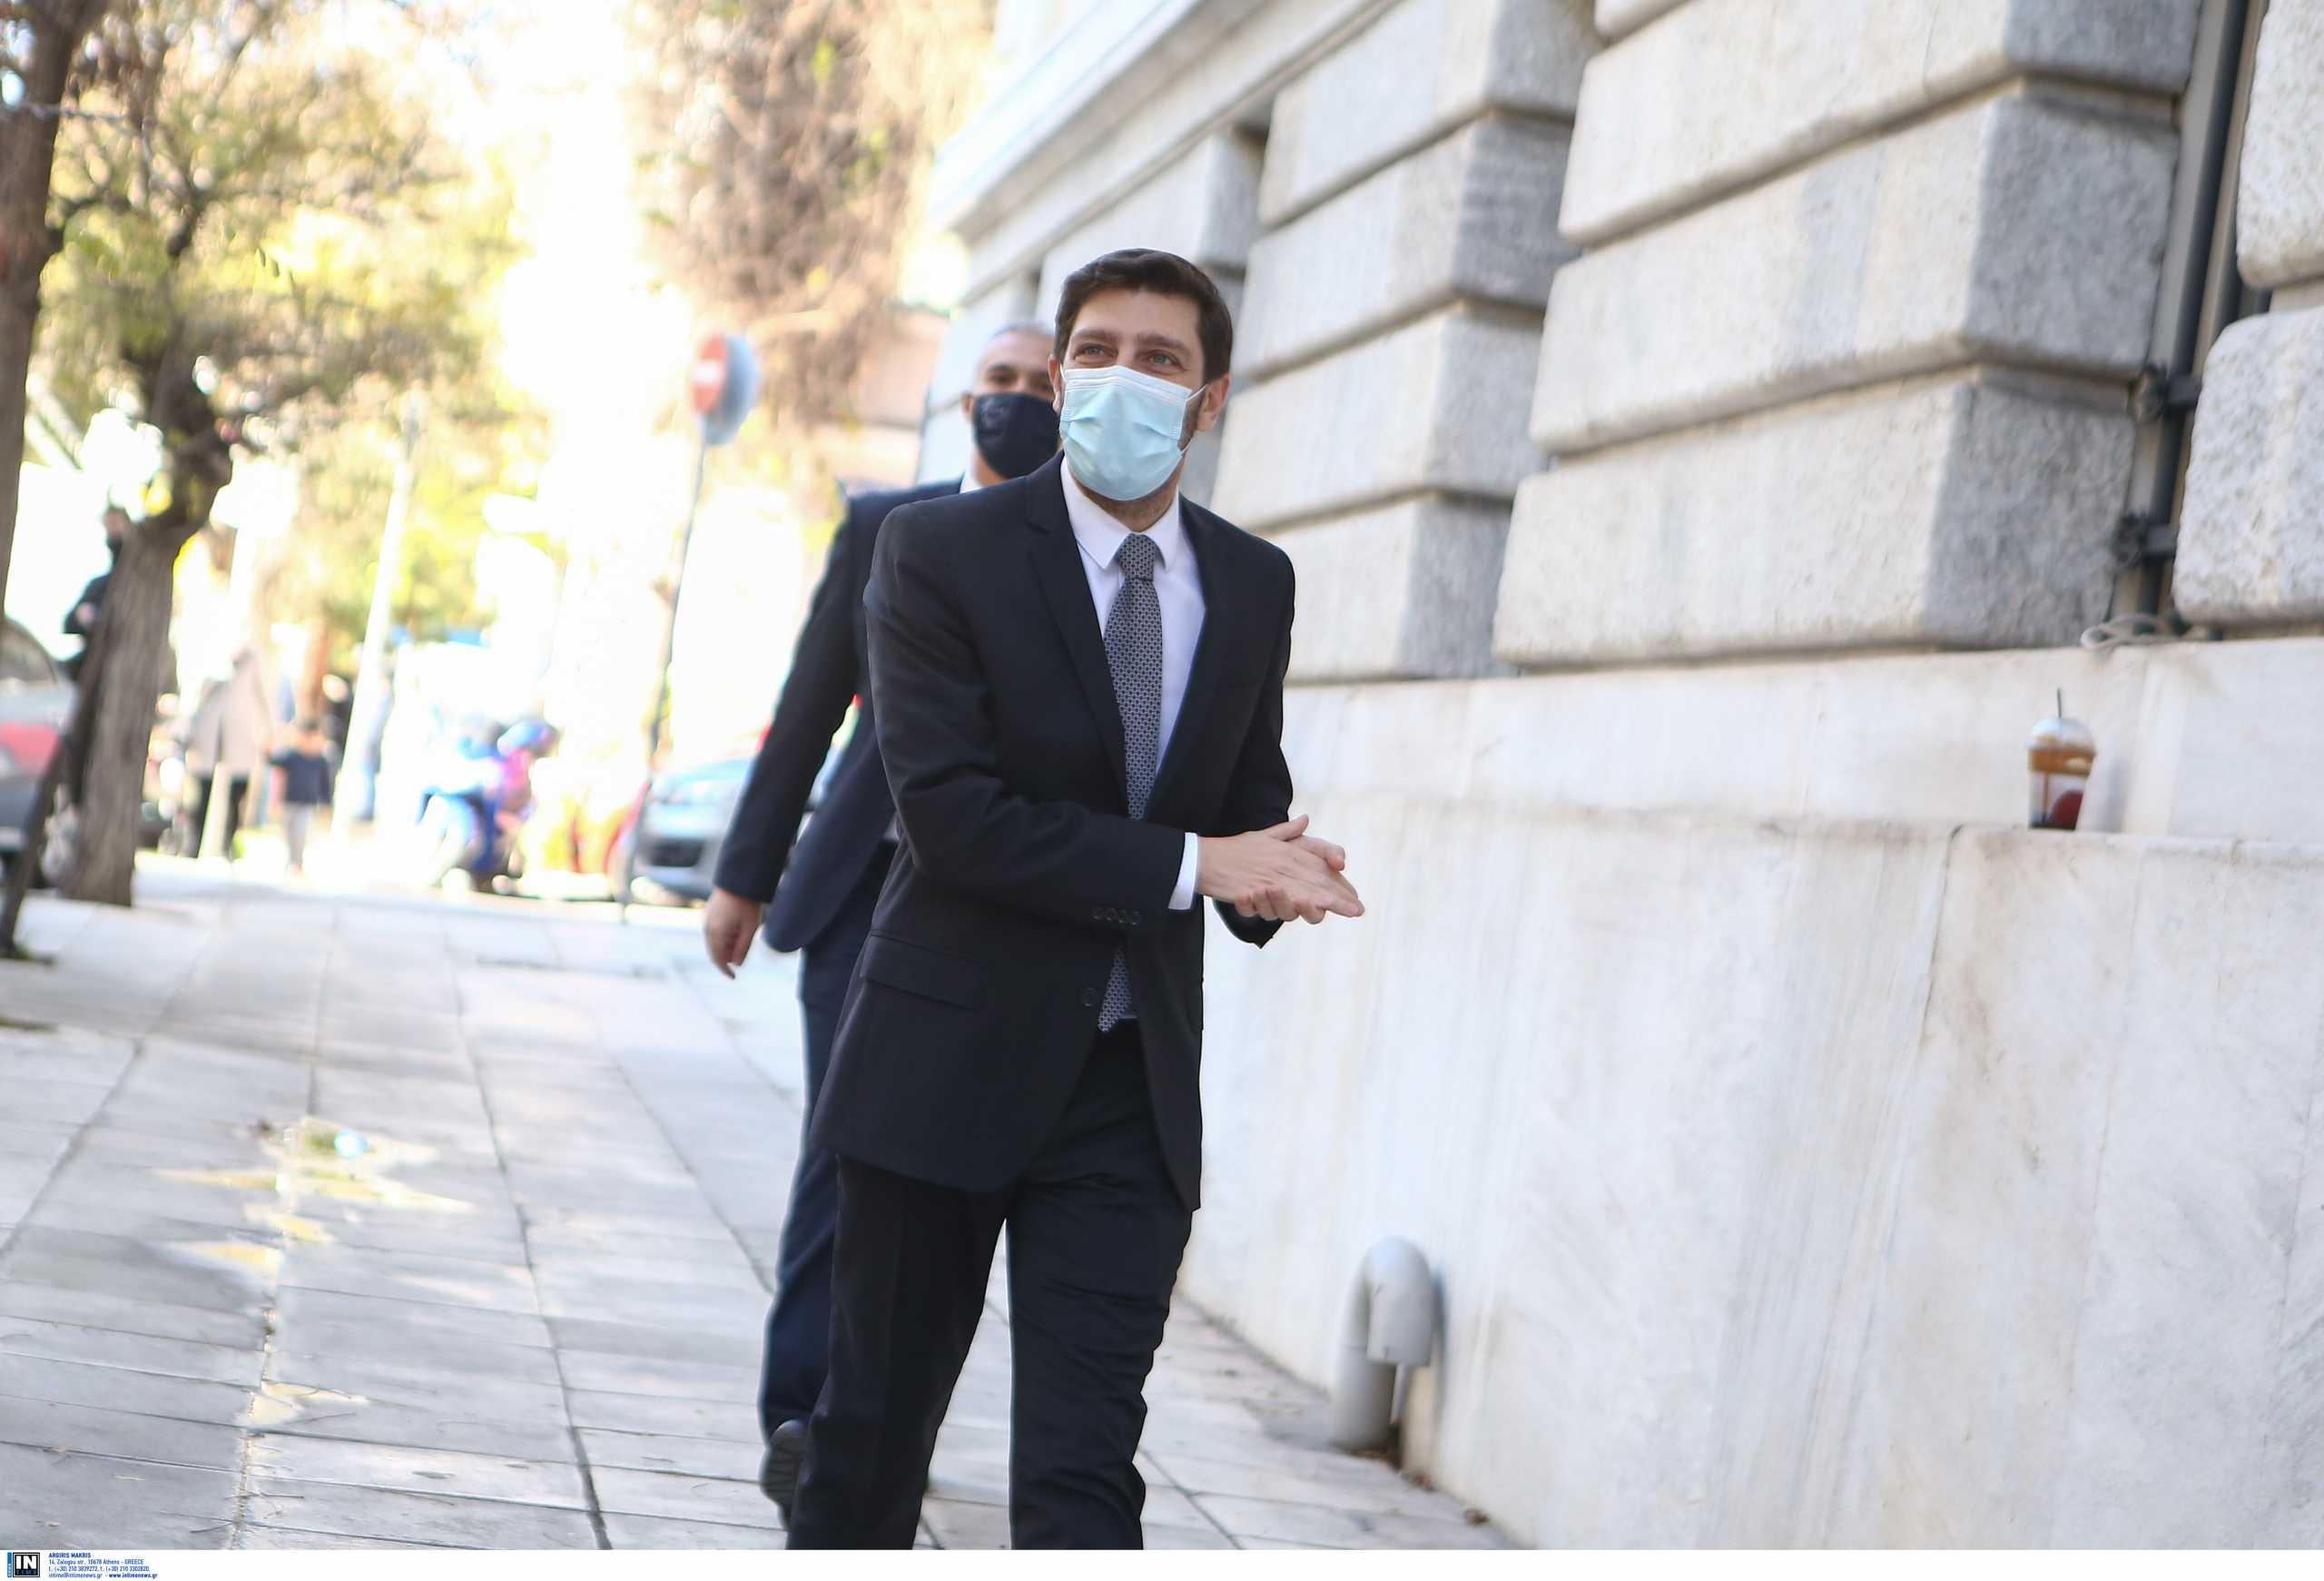 Γιατρομανωλάκης: Μεγάλη ευθύνη να δοθεί υπουργική θέση σε έναν ανοικτά δηλωμένο ομοφυλόφιλο